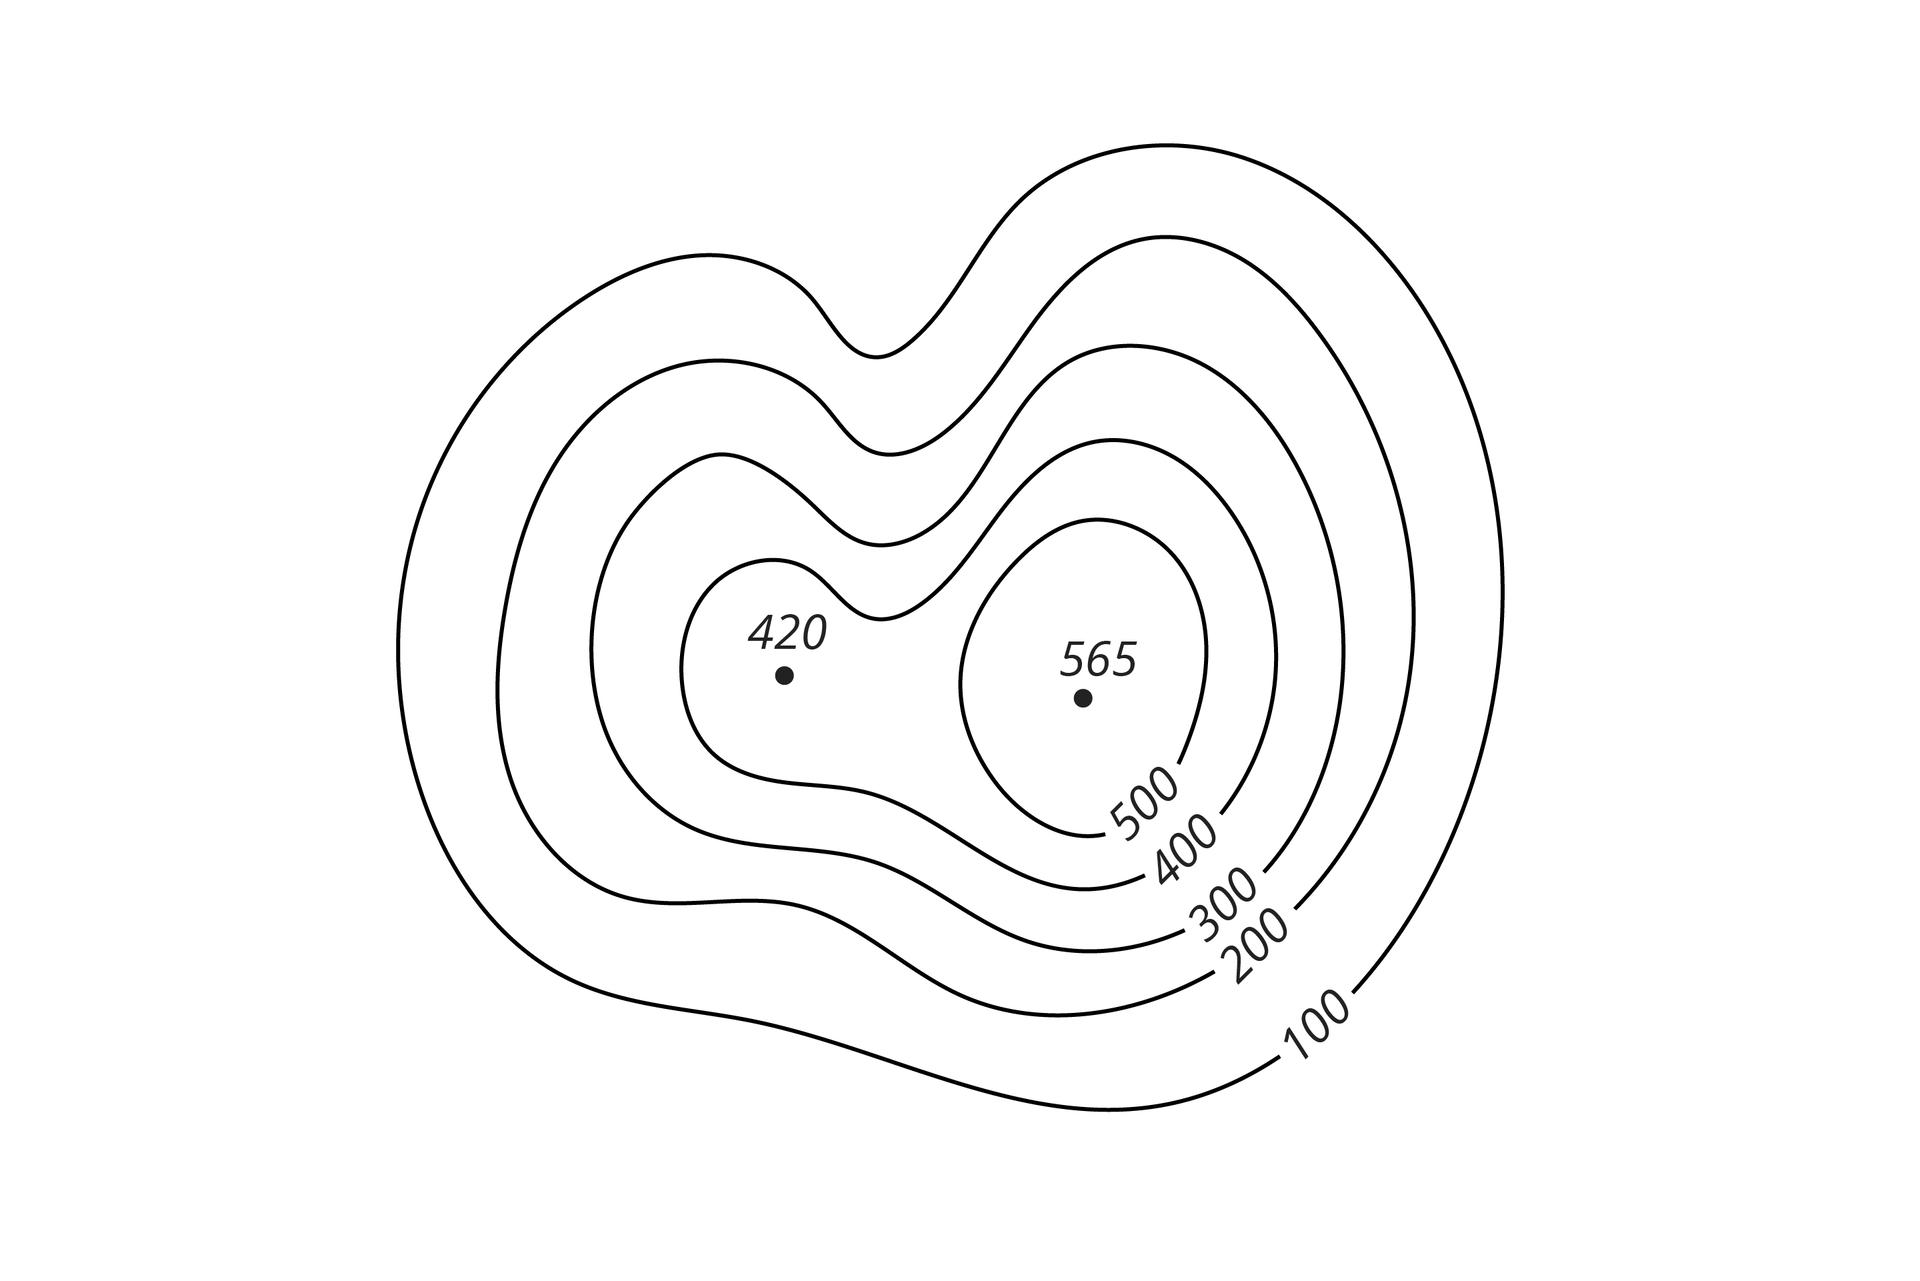 Kolejna ilustracja przedstawia mapę poziomicową, na której narysowano dwie leżące obok siebie wypukłe formy terenu – góry oróżnej wysokości. Wartość poziomic na tej mapie rośnie wkierunku ku szczytowi wzniesienia.